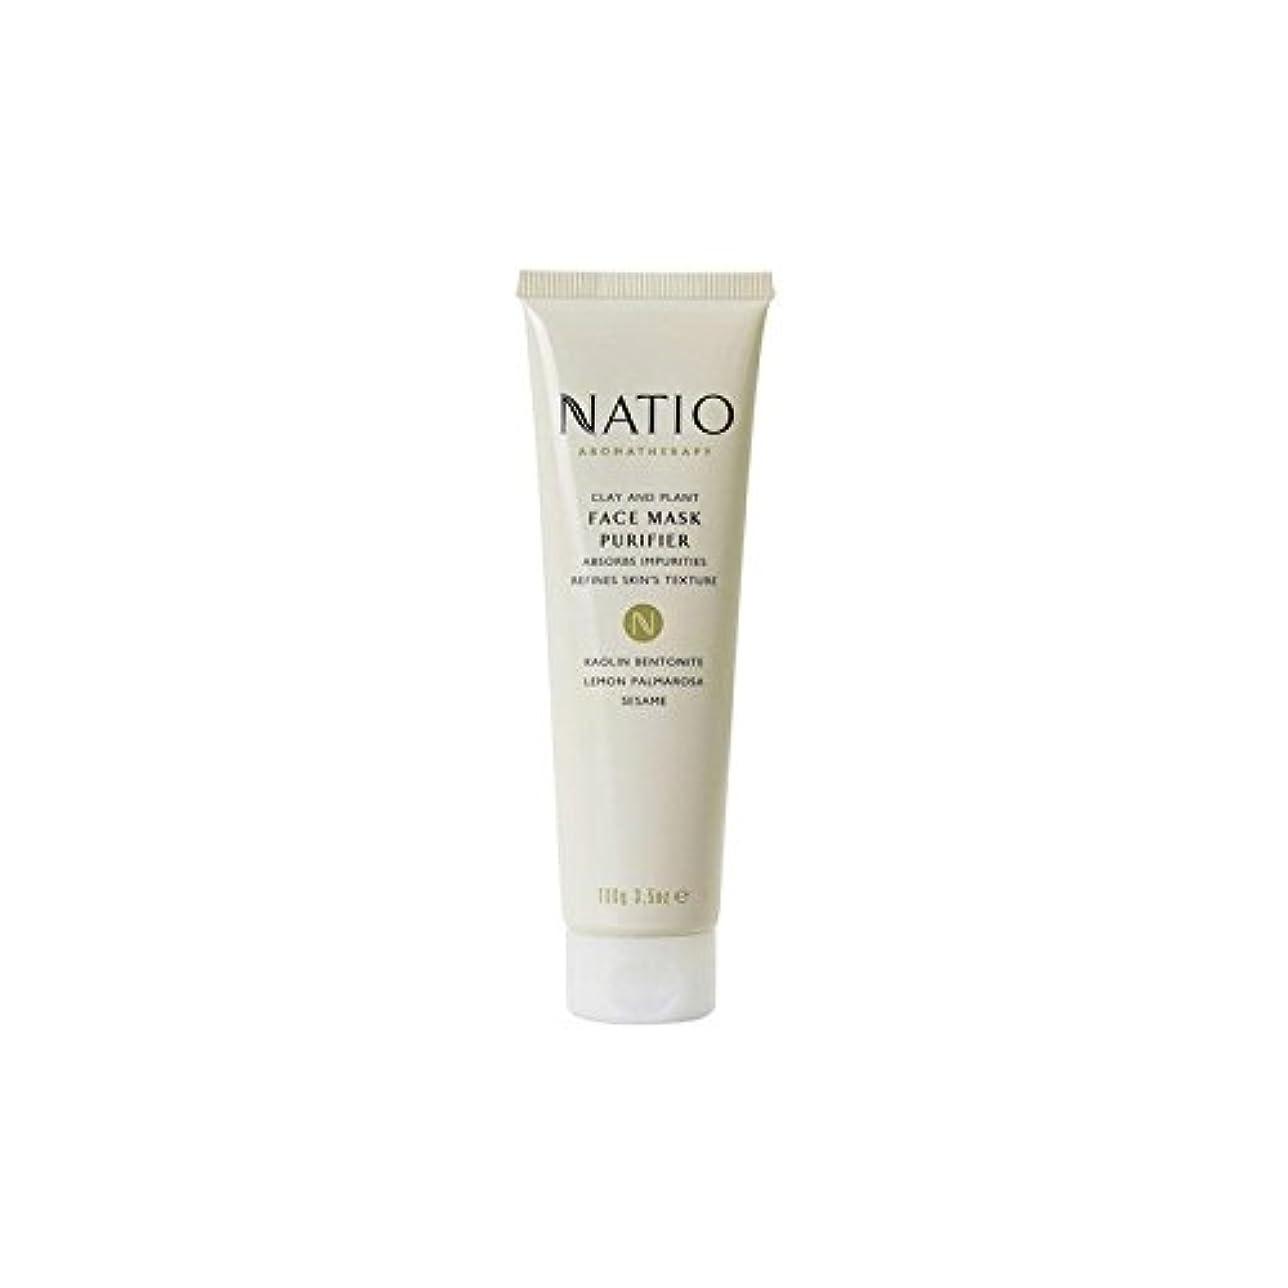 延期するパラシュートどこか粘土&植物フェイスマスクの浄化(100グラム) x2 - Natio Clay & Plant Face Mask Purifier (100G) (Pack of 2) [並行輸入品]